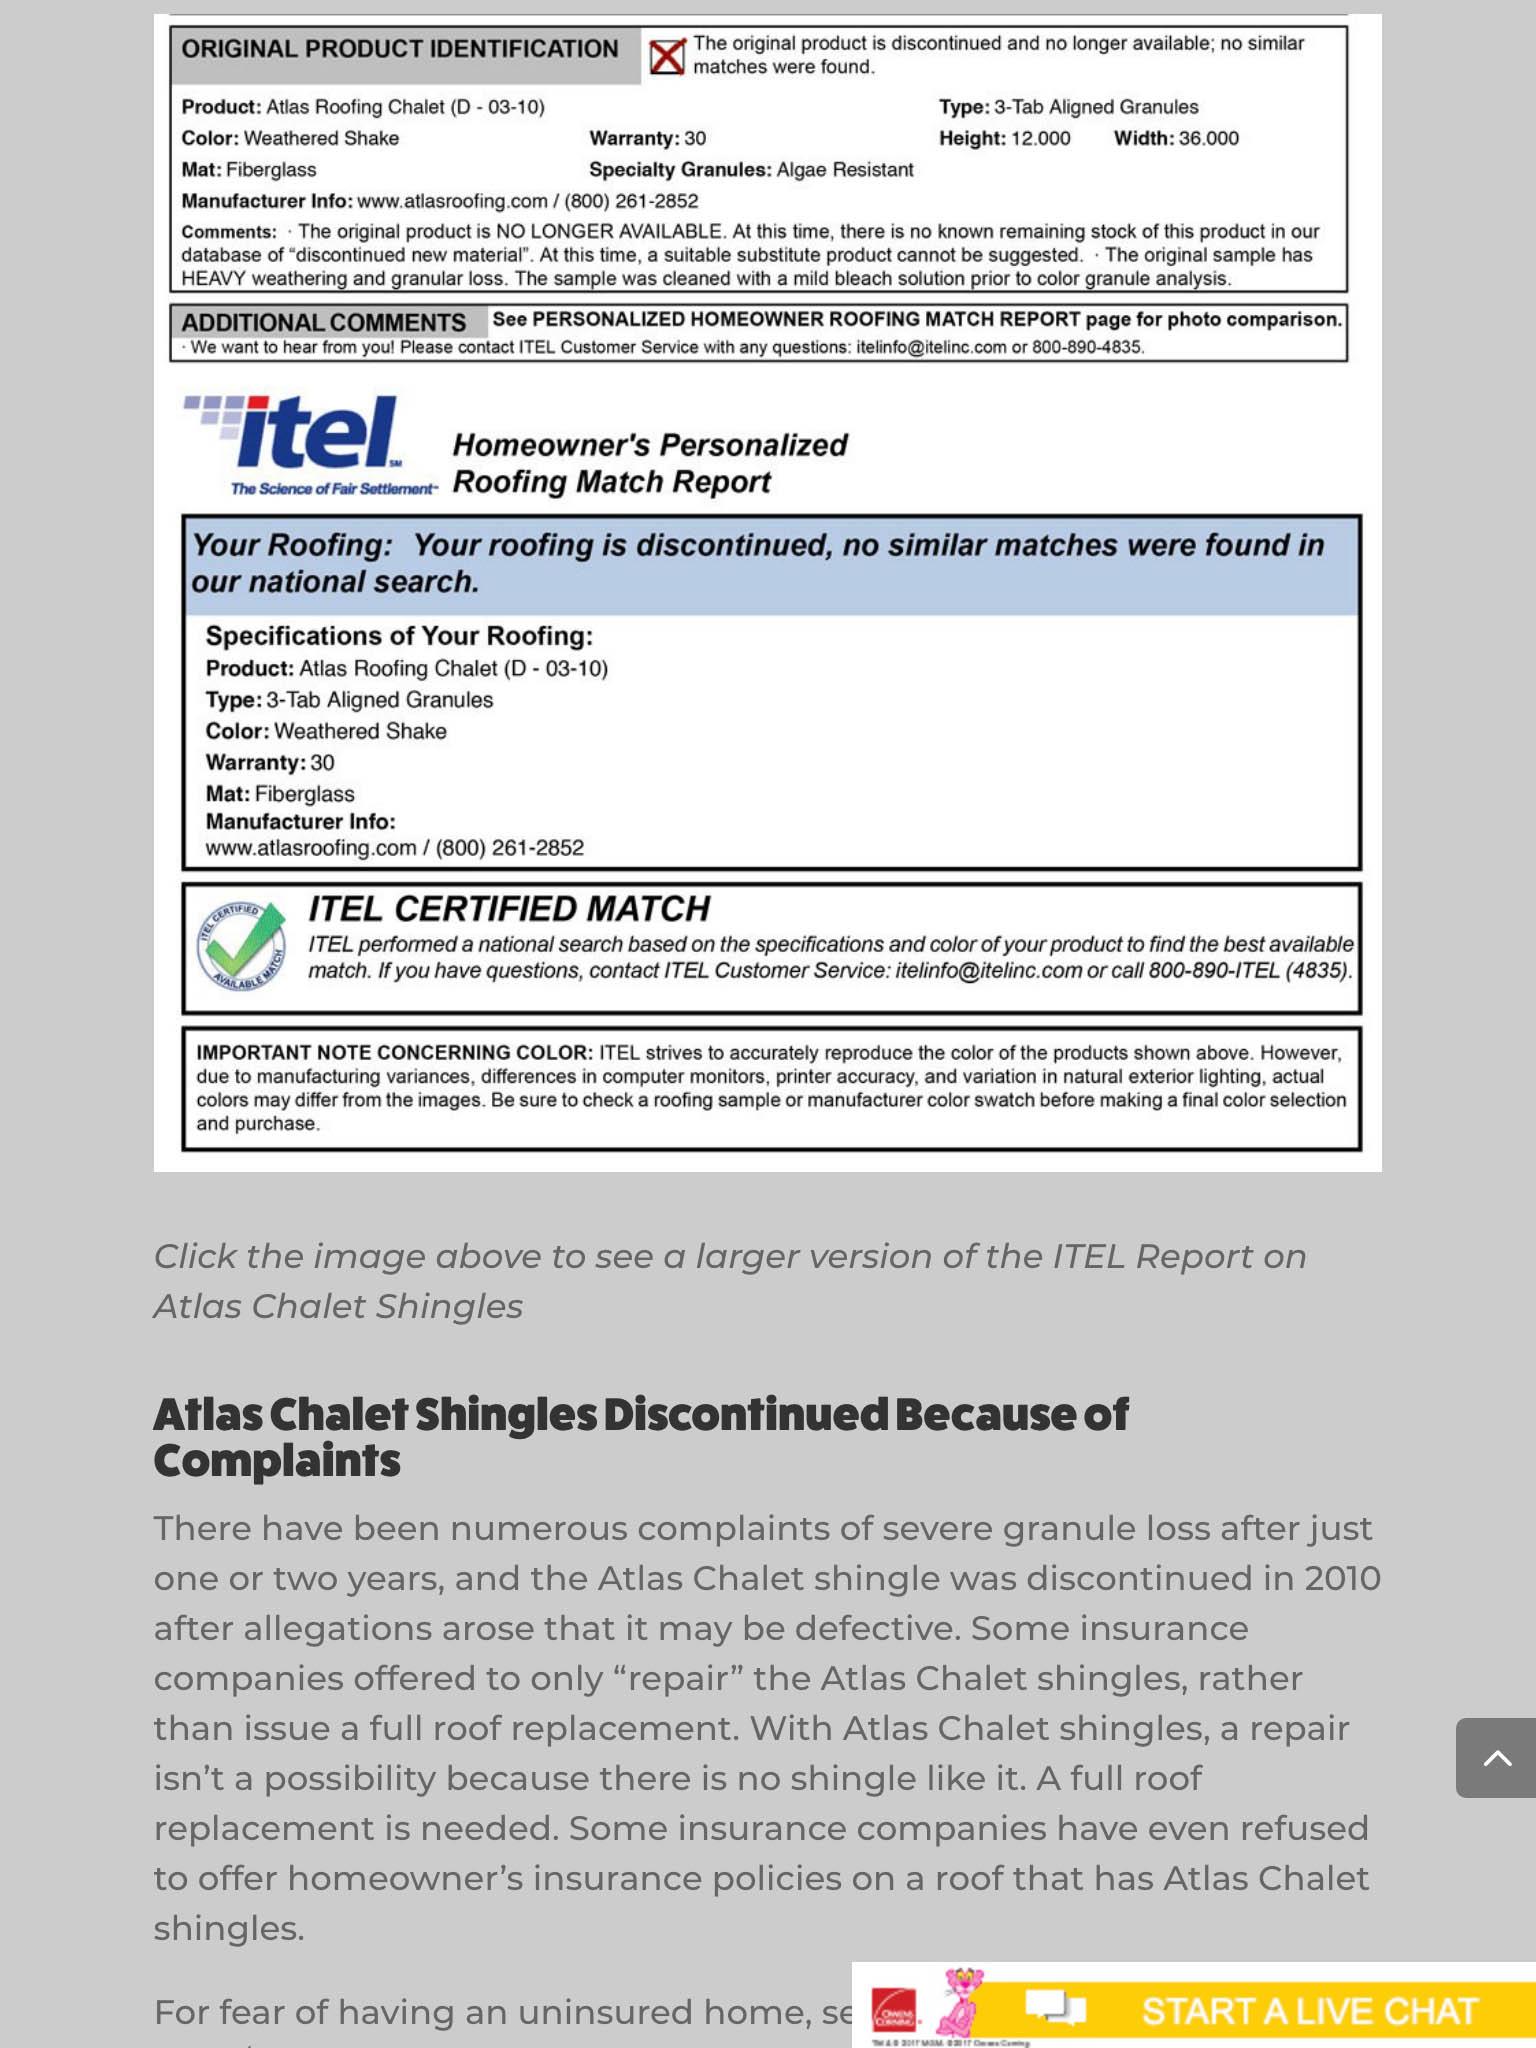 regrs-kennesaw-tablet-web-design-2